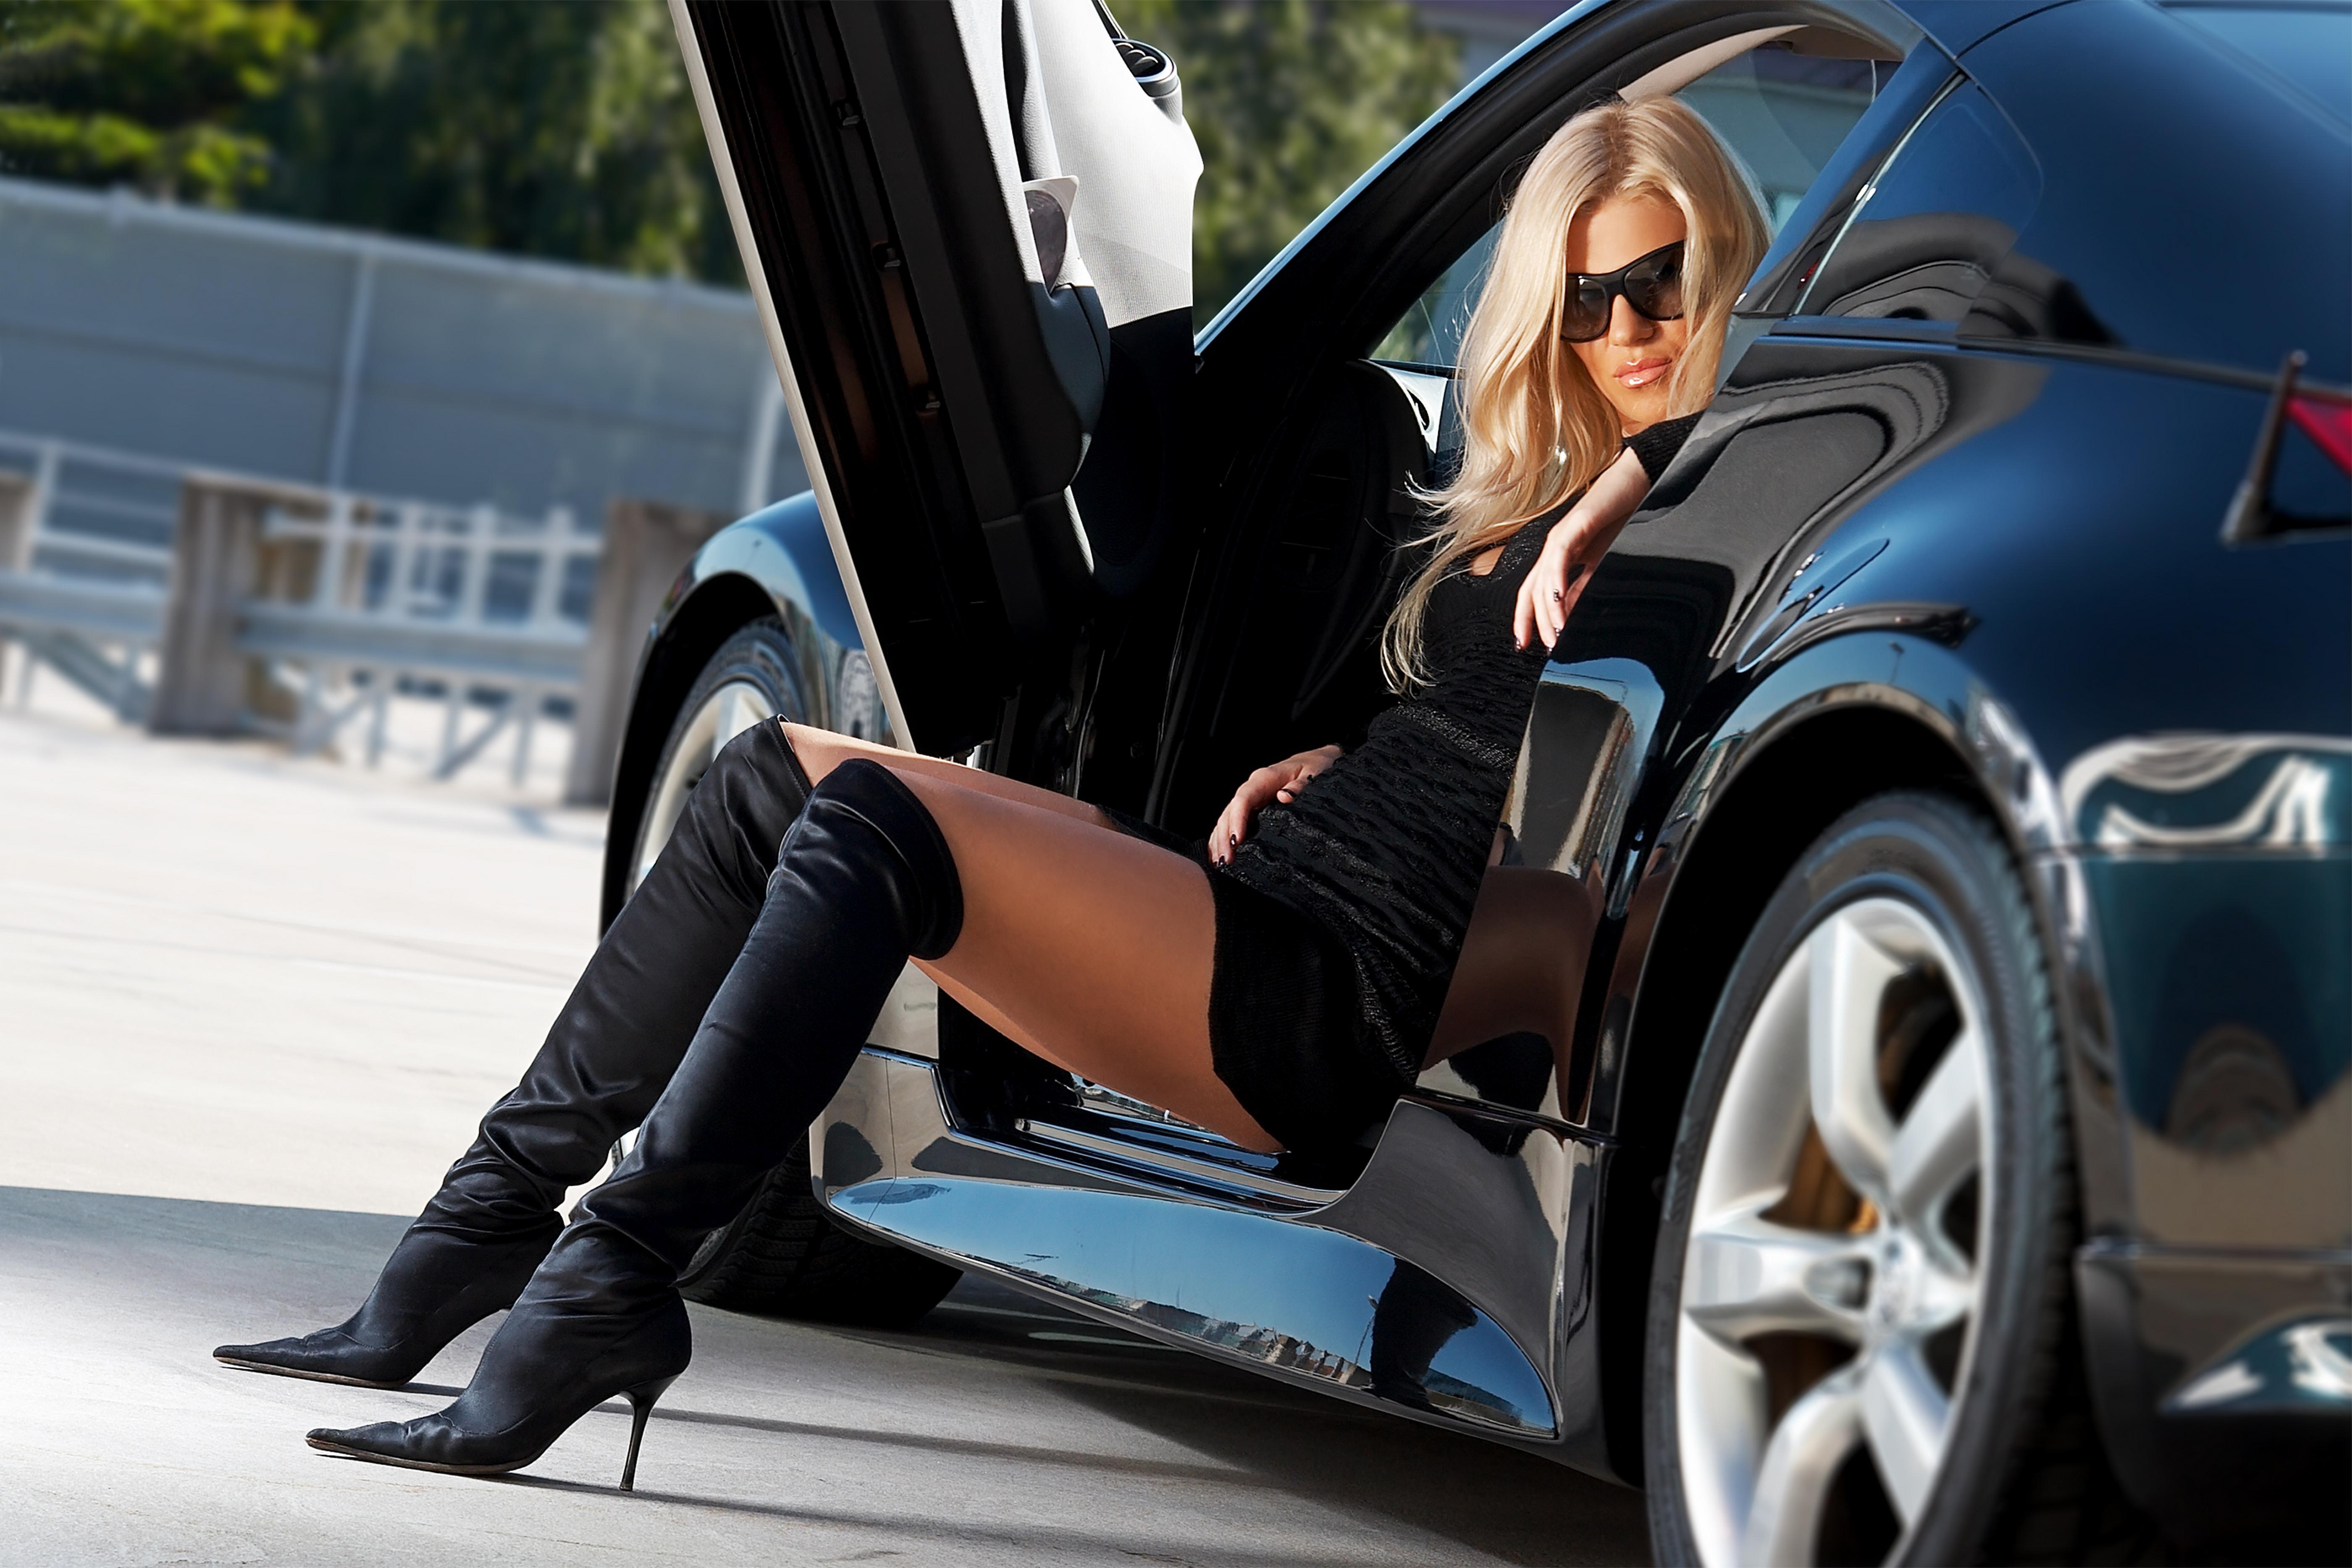 Супер фото девушек и авто 15 фотография